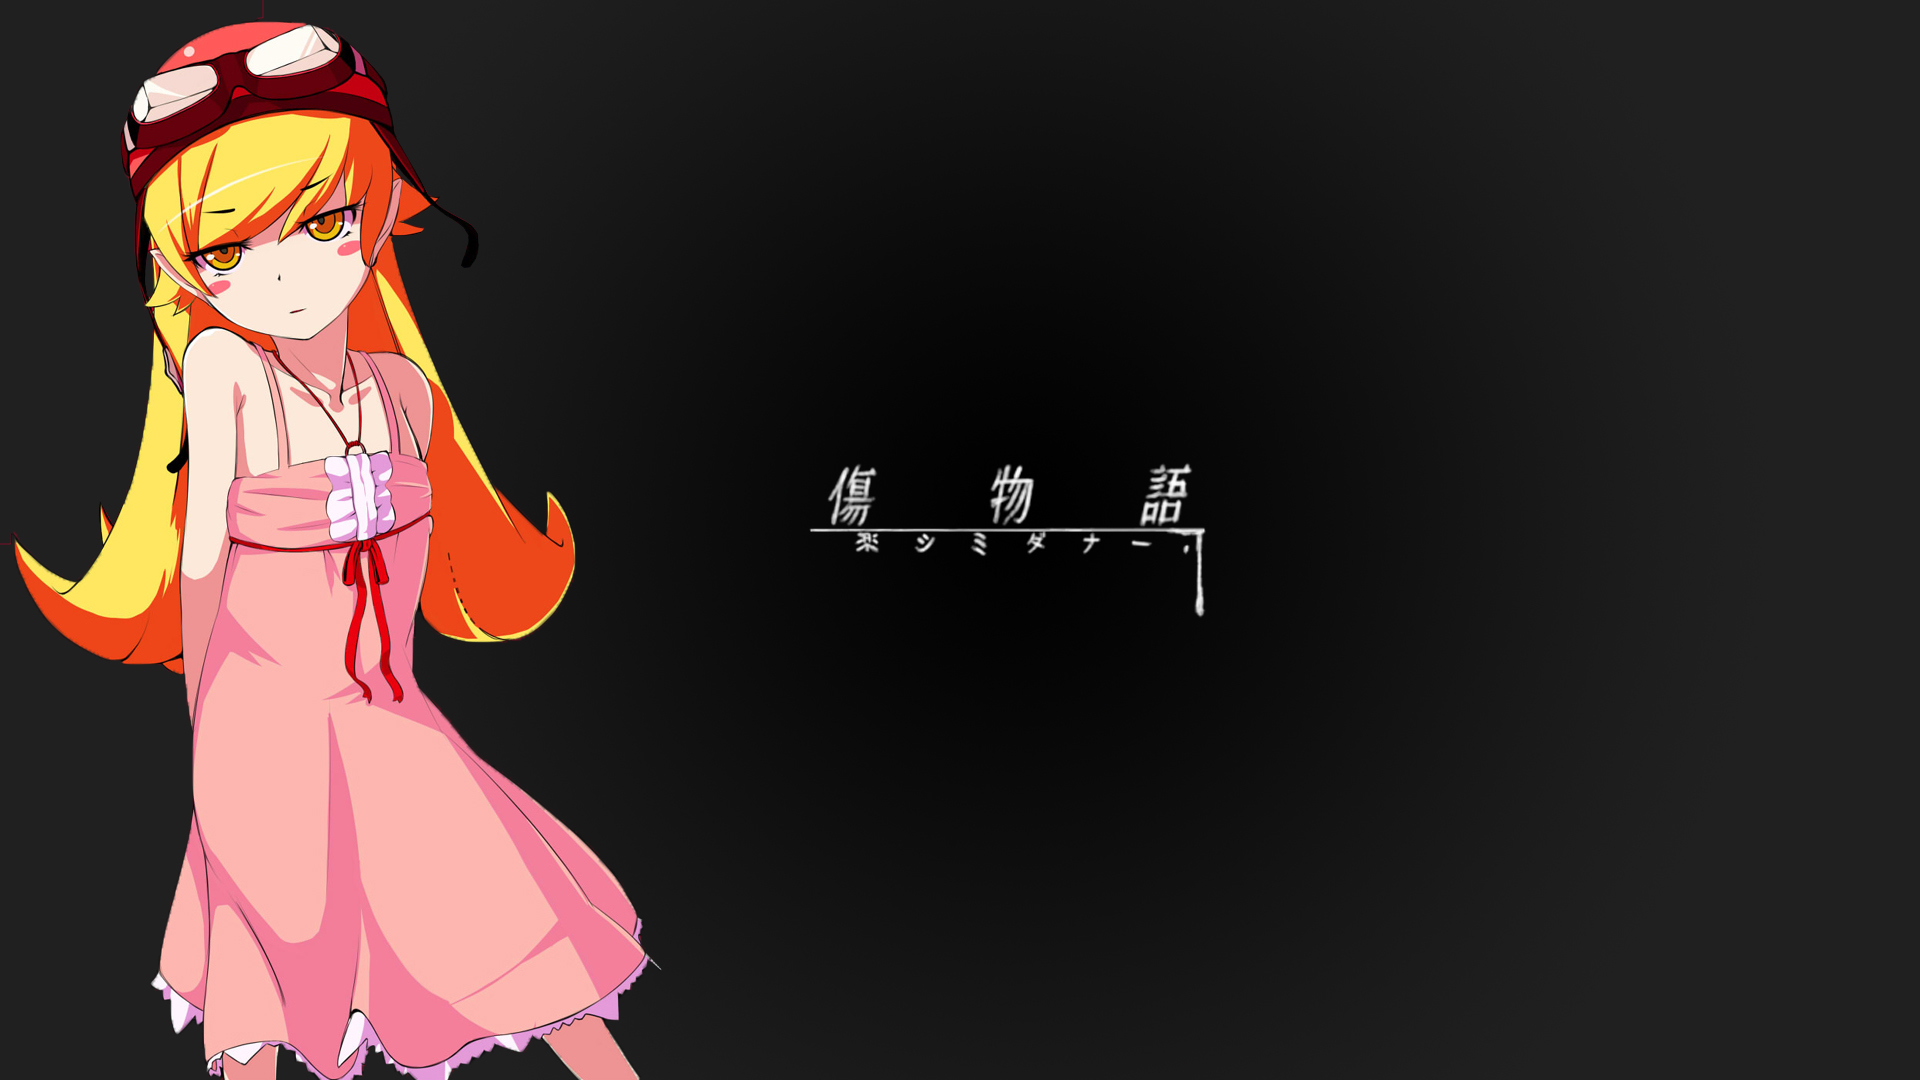 ピンク衣装の忍野忍と黒い背景の壁紙